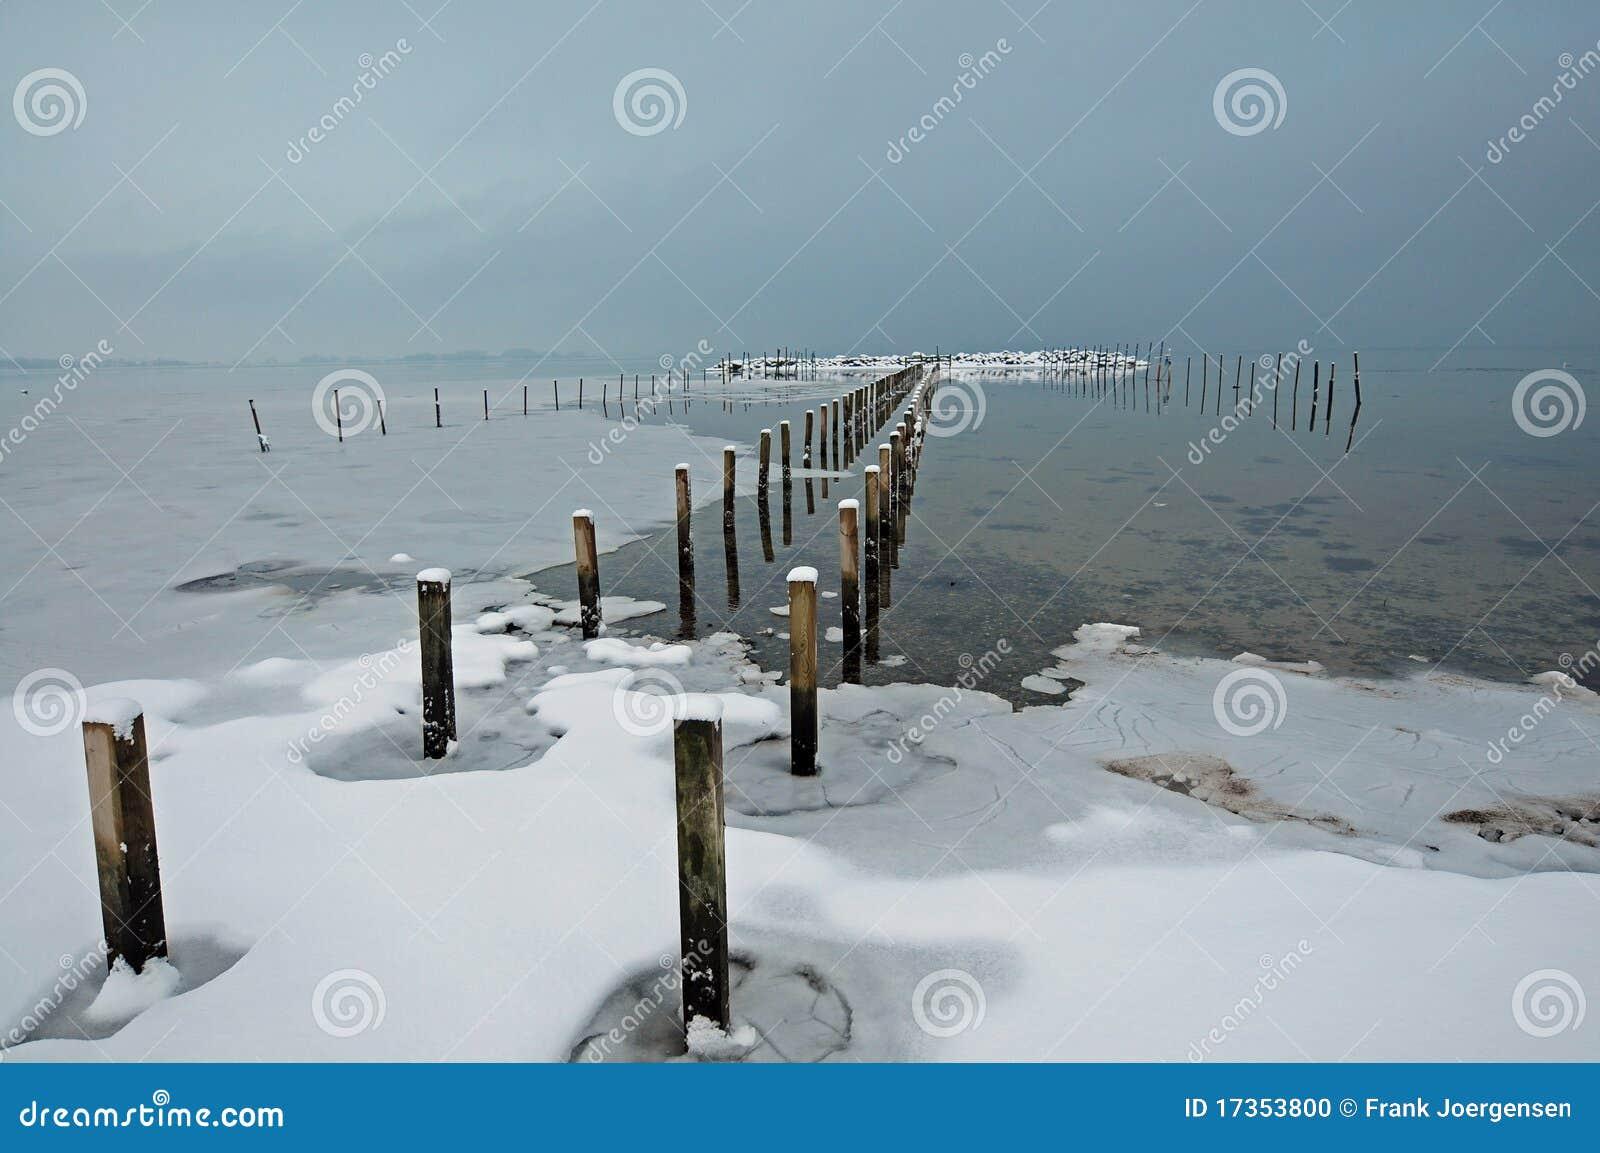 Denmark Kolding krajobrazowa pobliski sjoelund zima